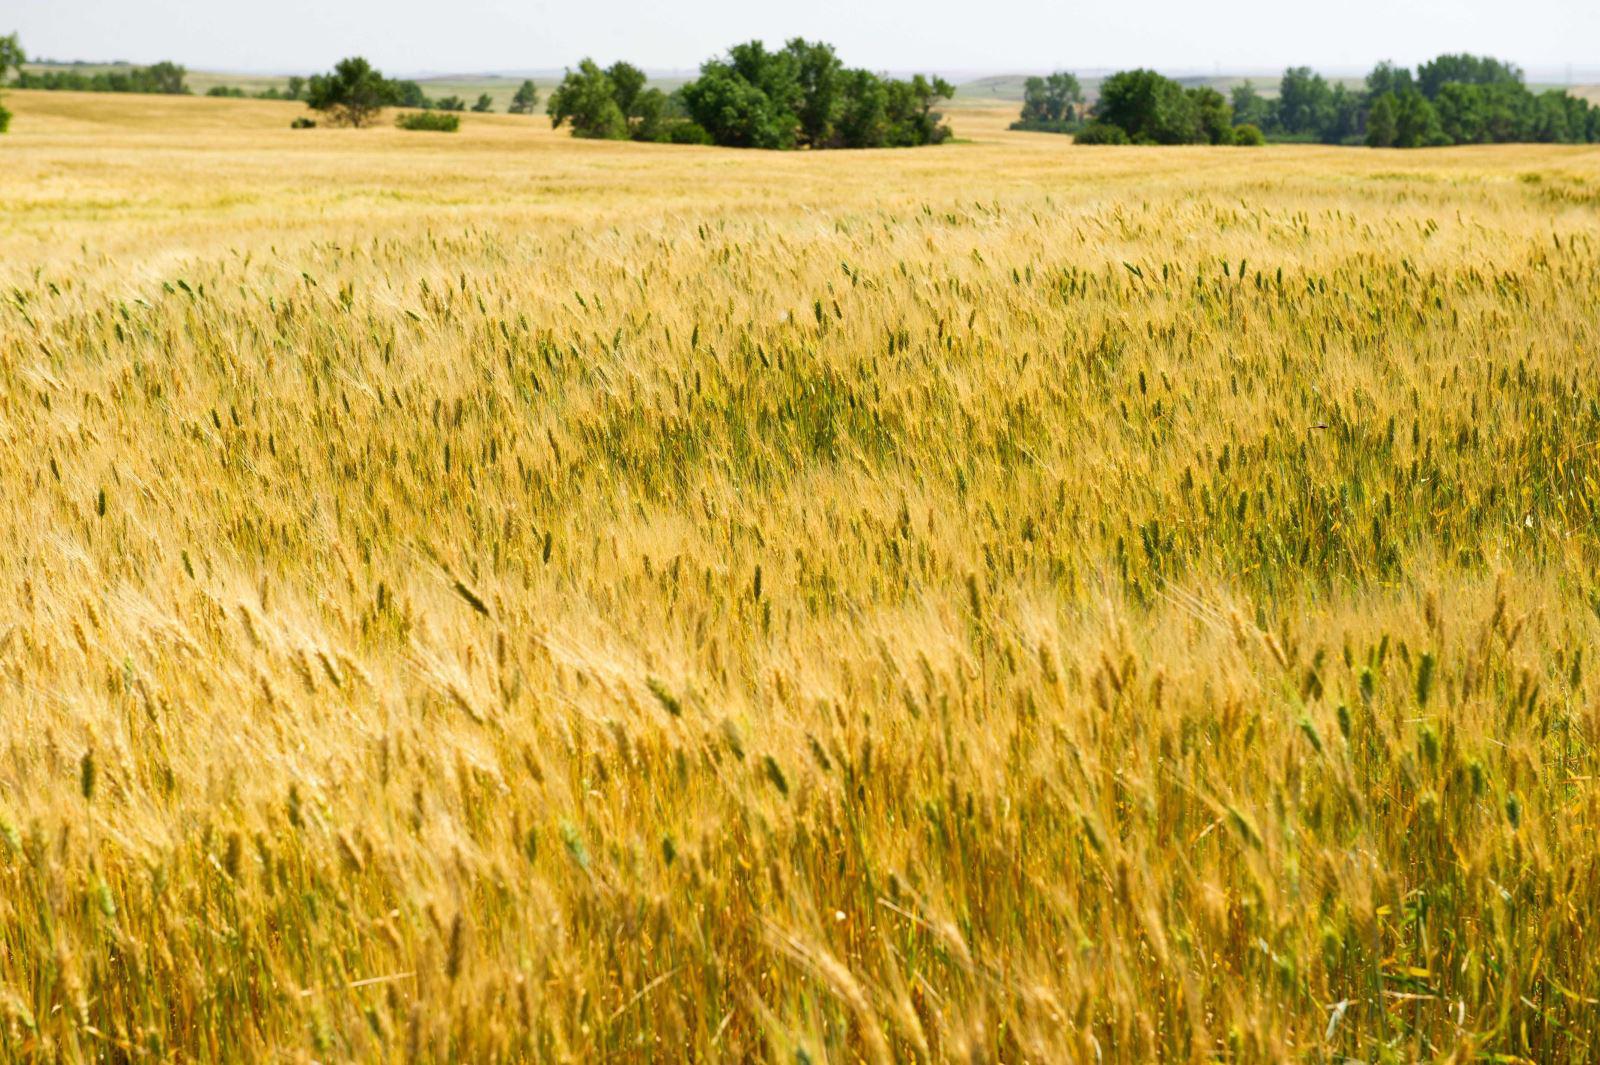 Giá lúa gạo toàn cầu tăng mạnh vì dịch COVID-19 - Ảnh 1.